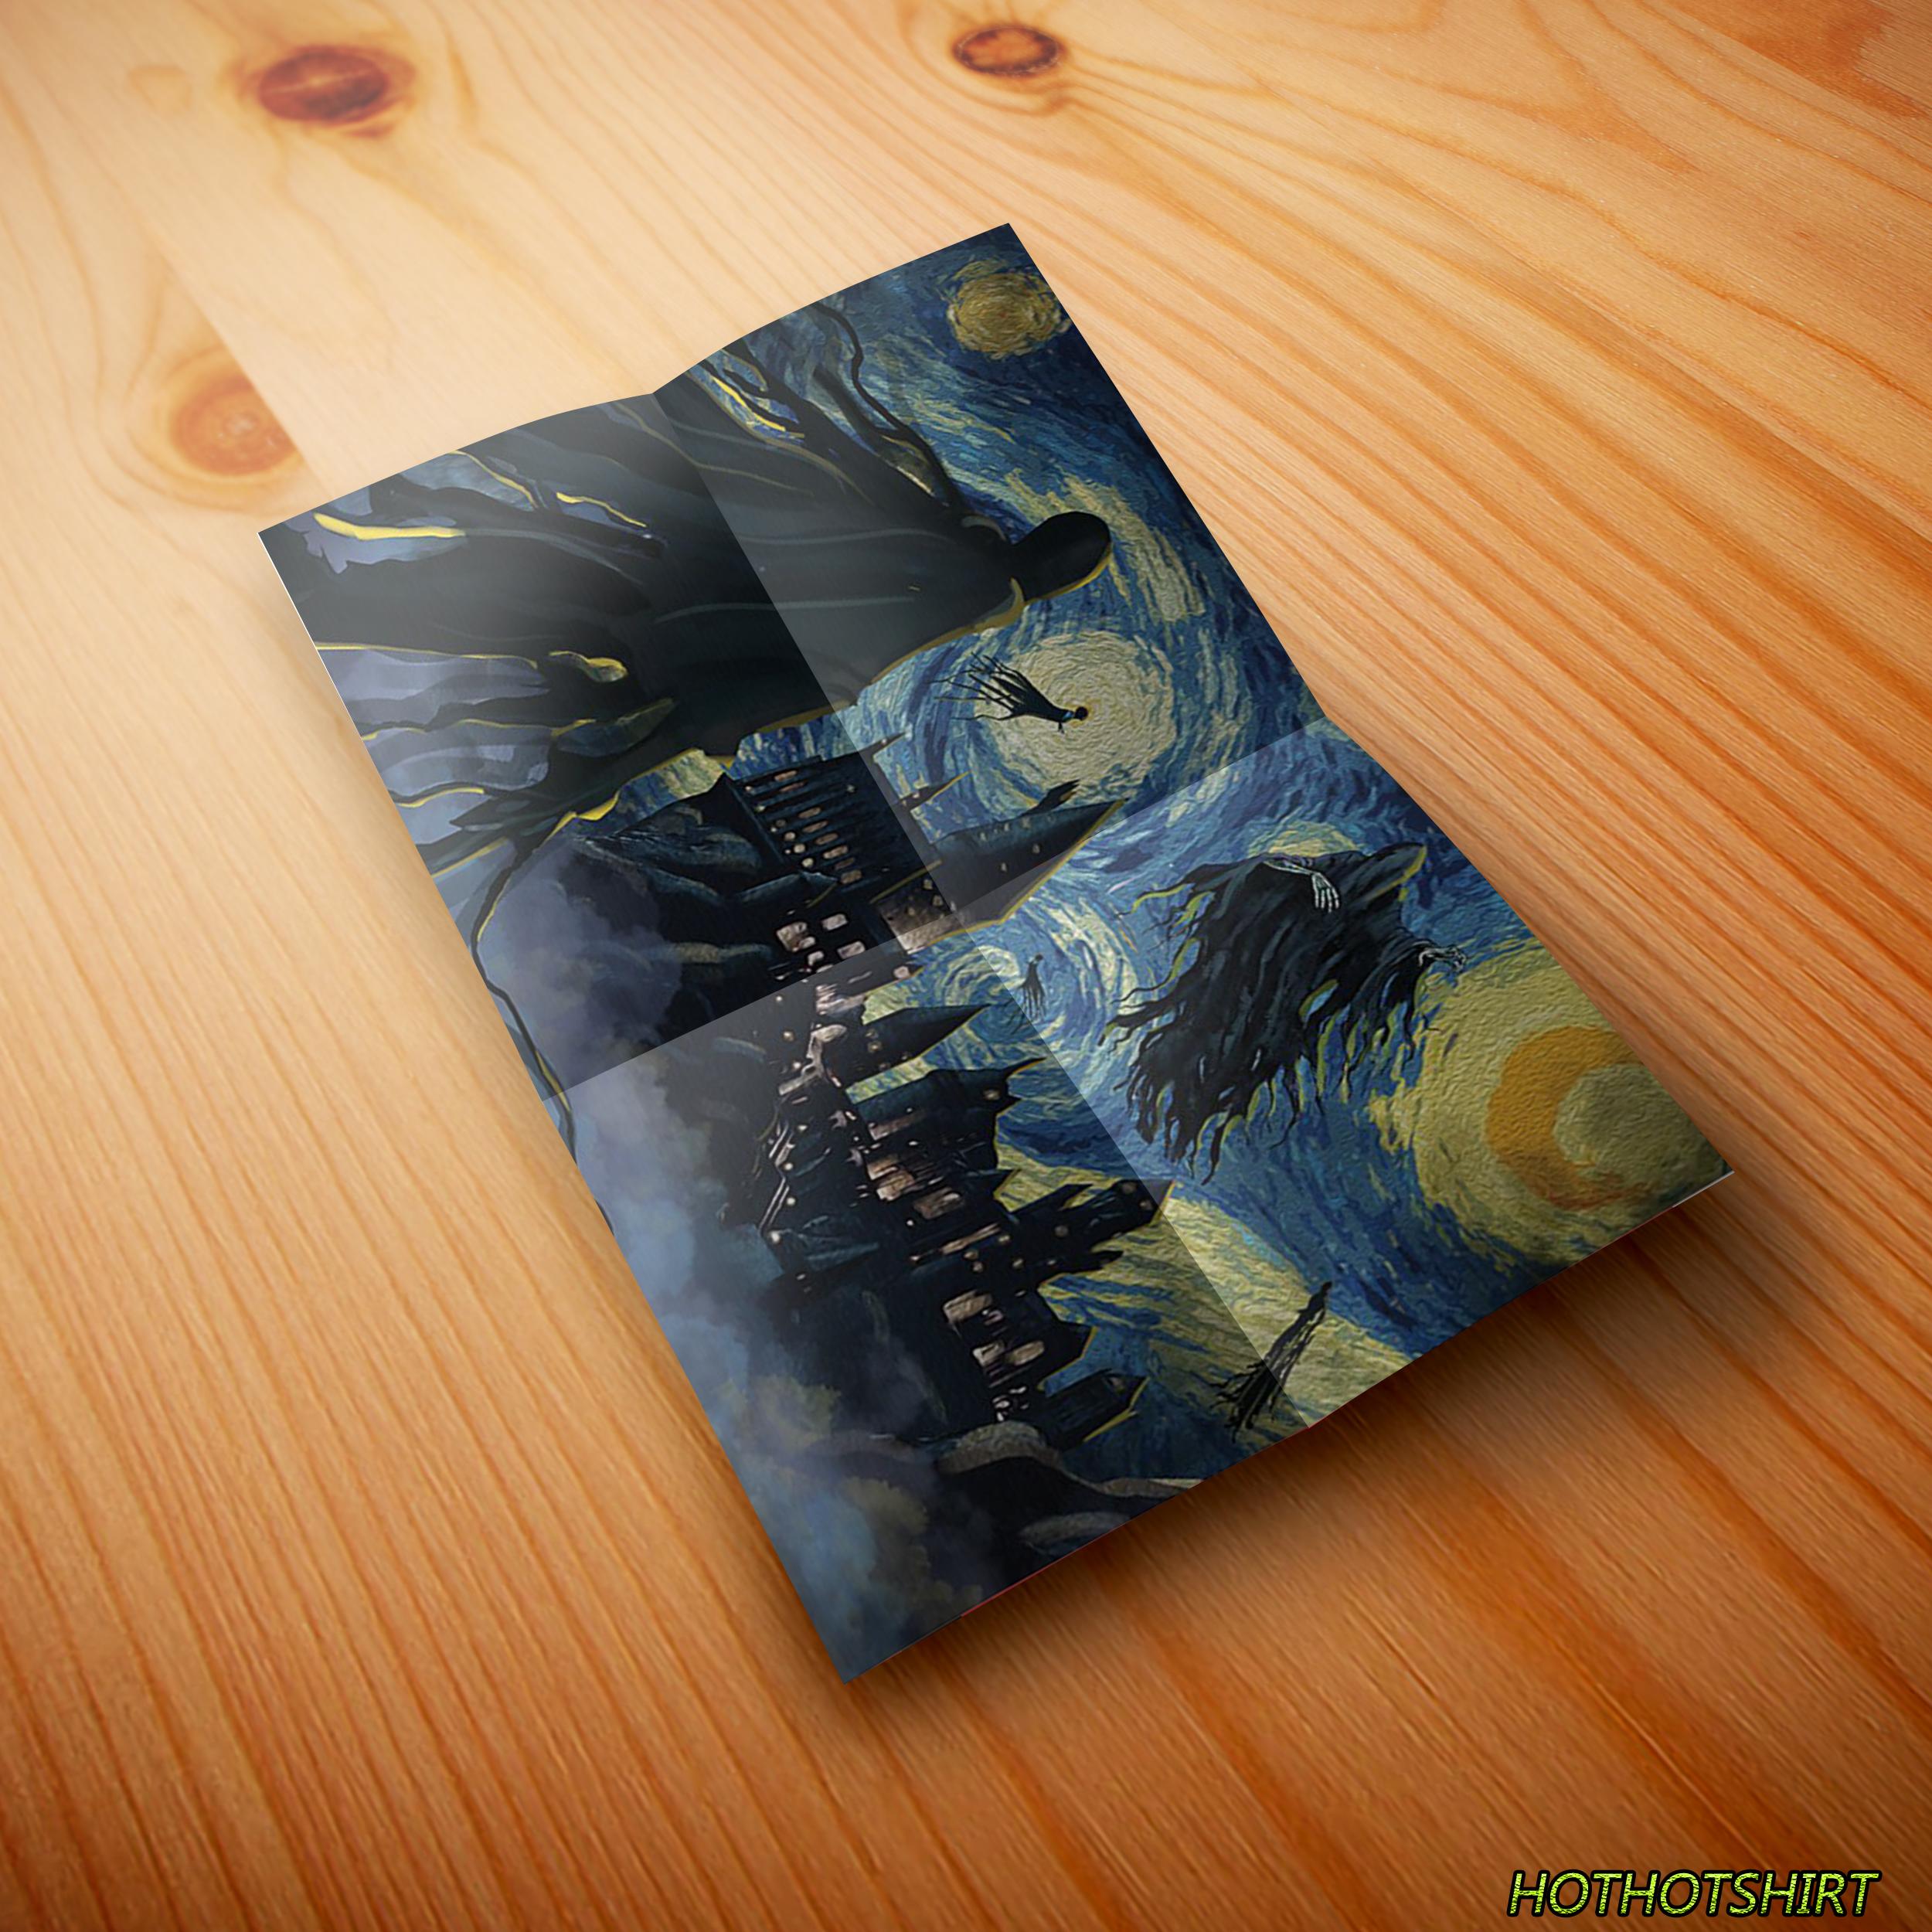 Dementor of Azkaban Hogwarts Starry Night Poster